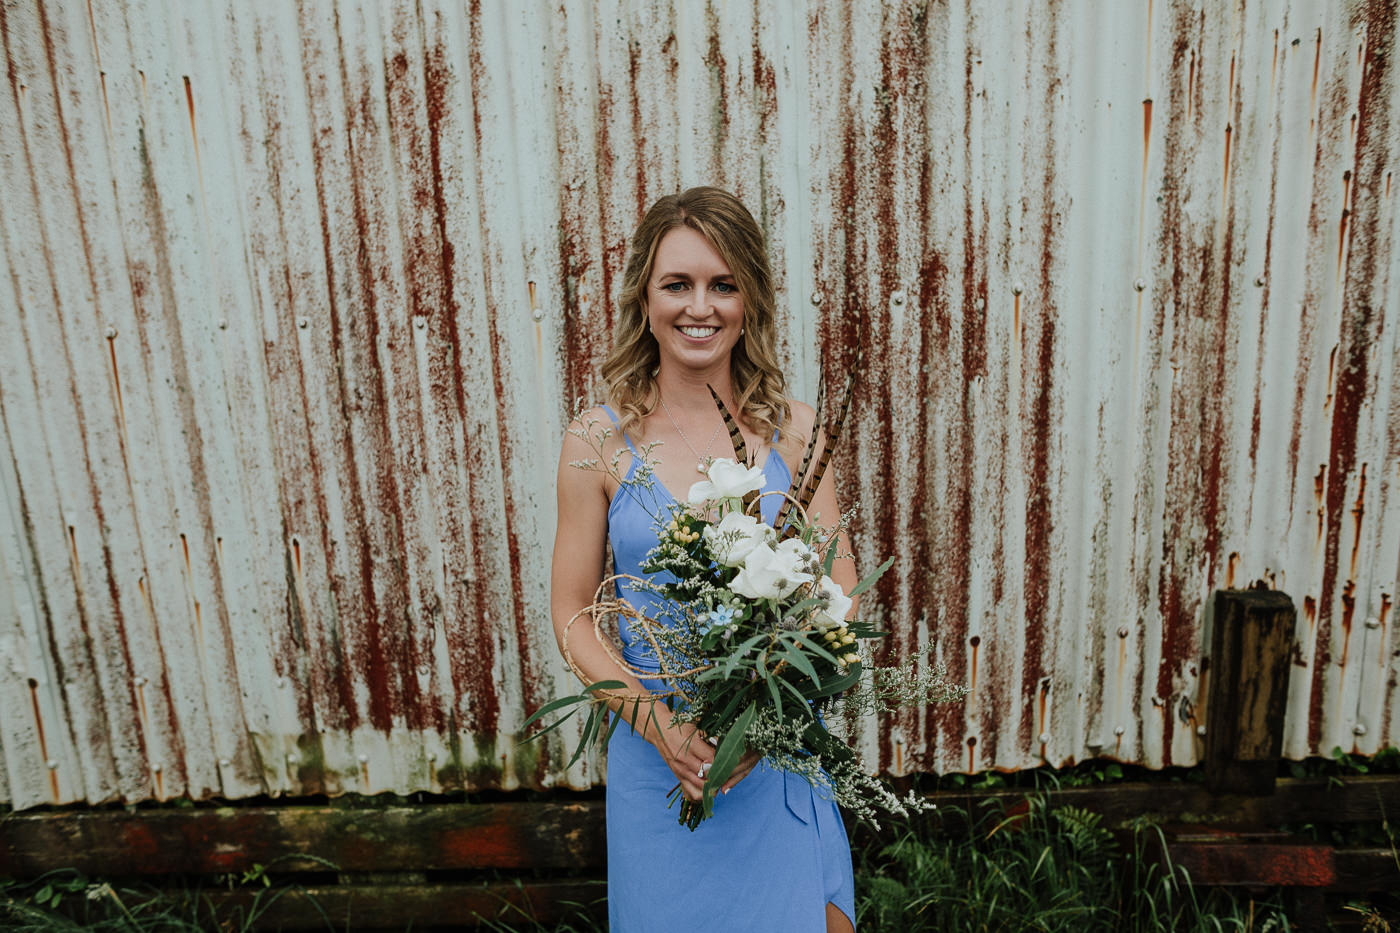 nz_wedding_photographer_gisborne-1108.jpg